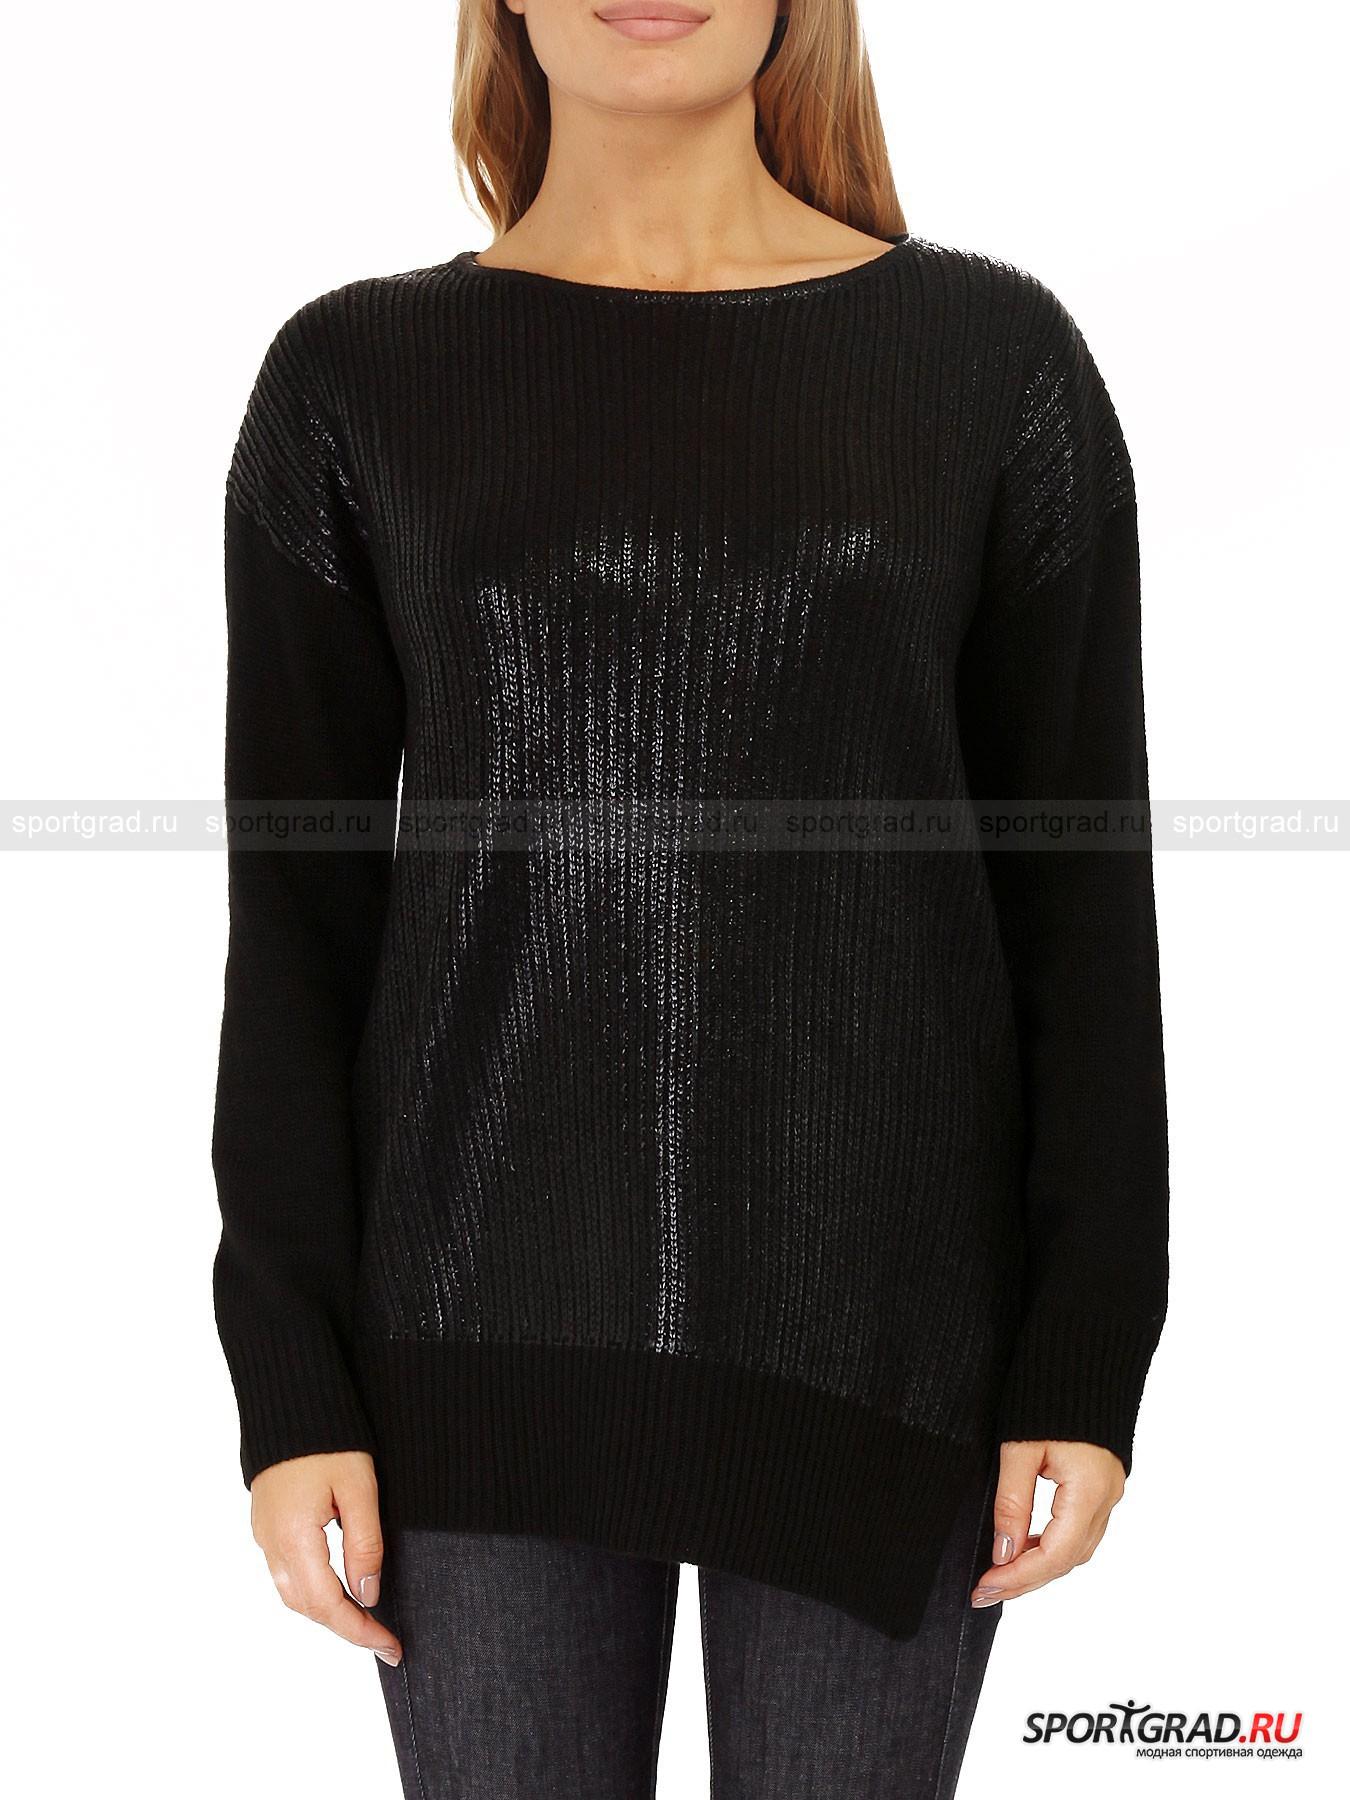 Джемпер свитер женский купить